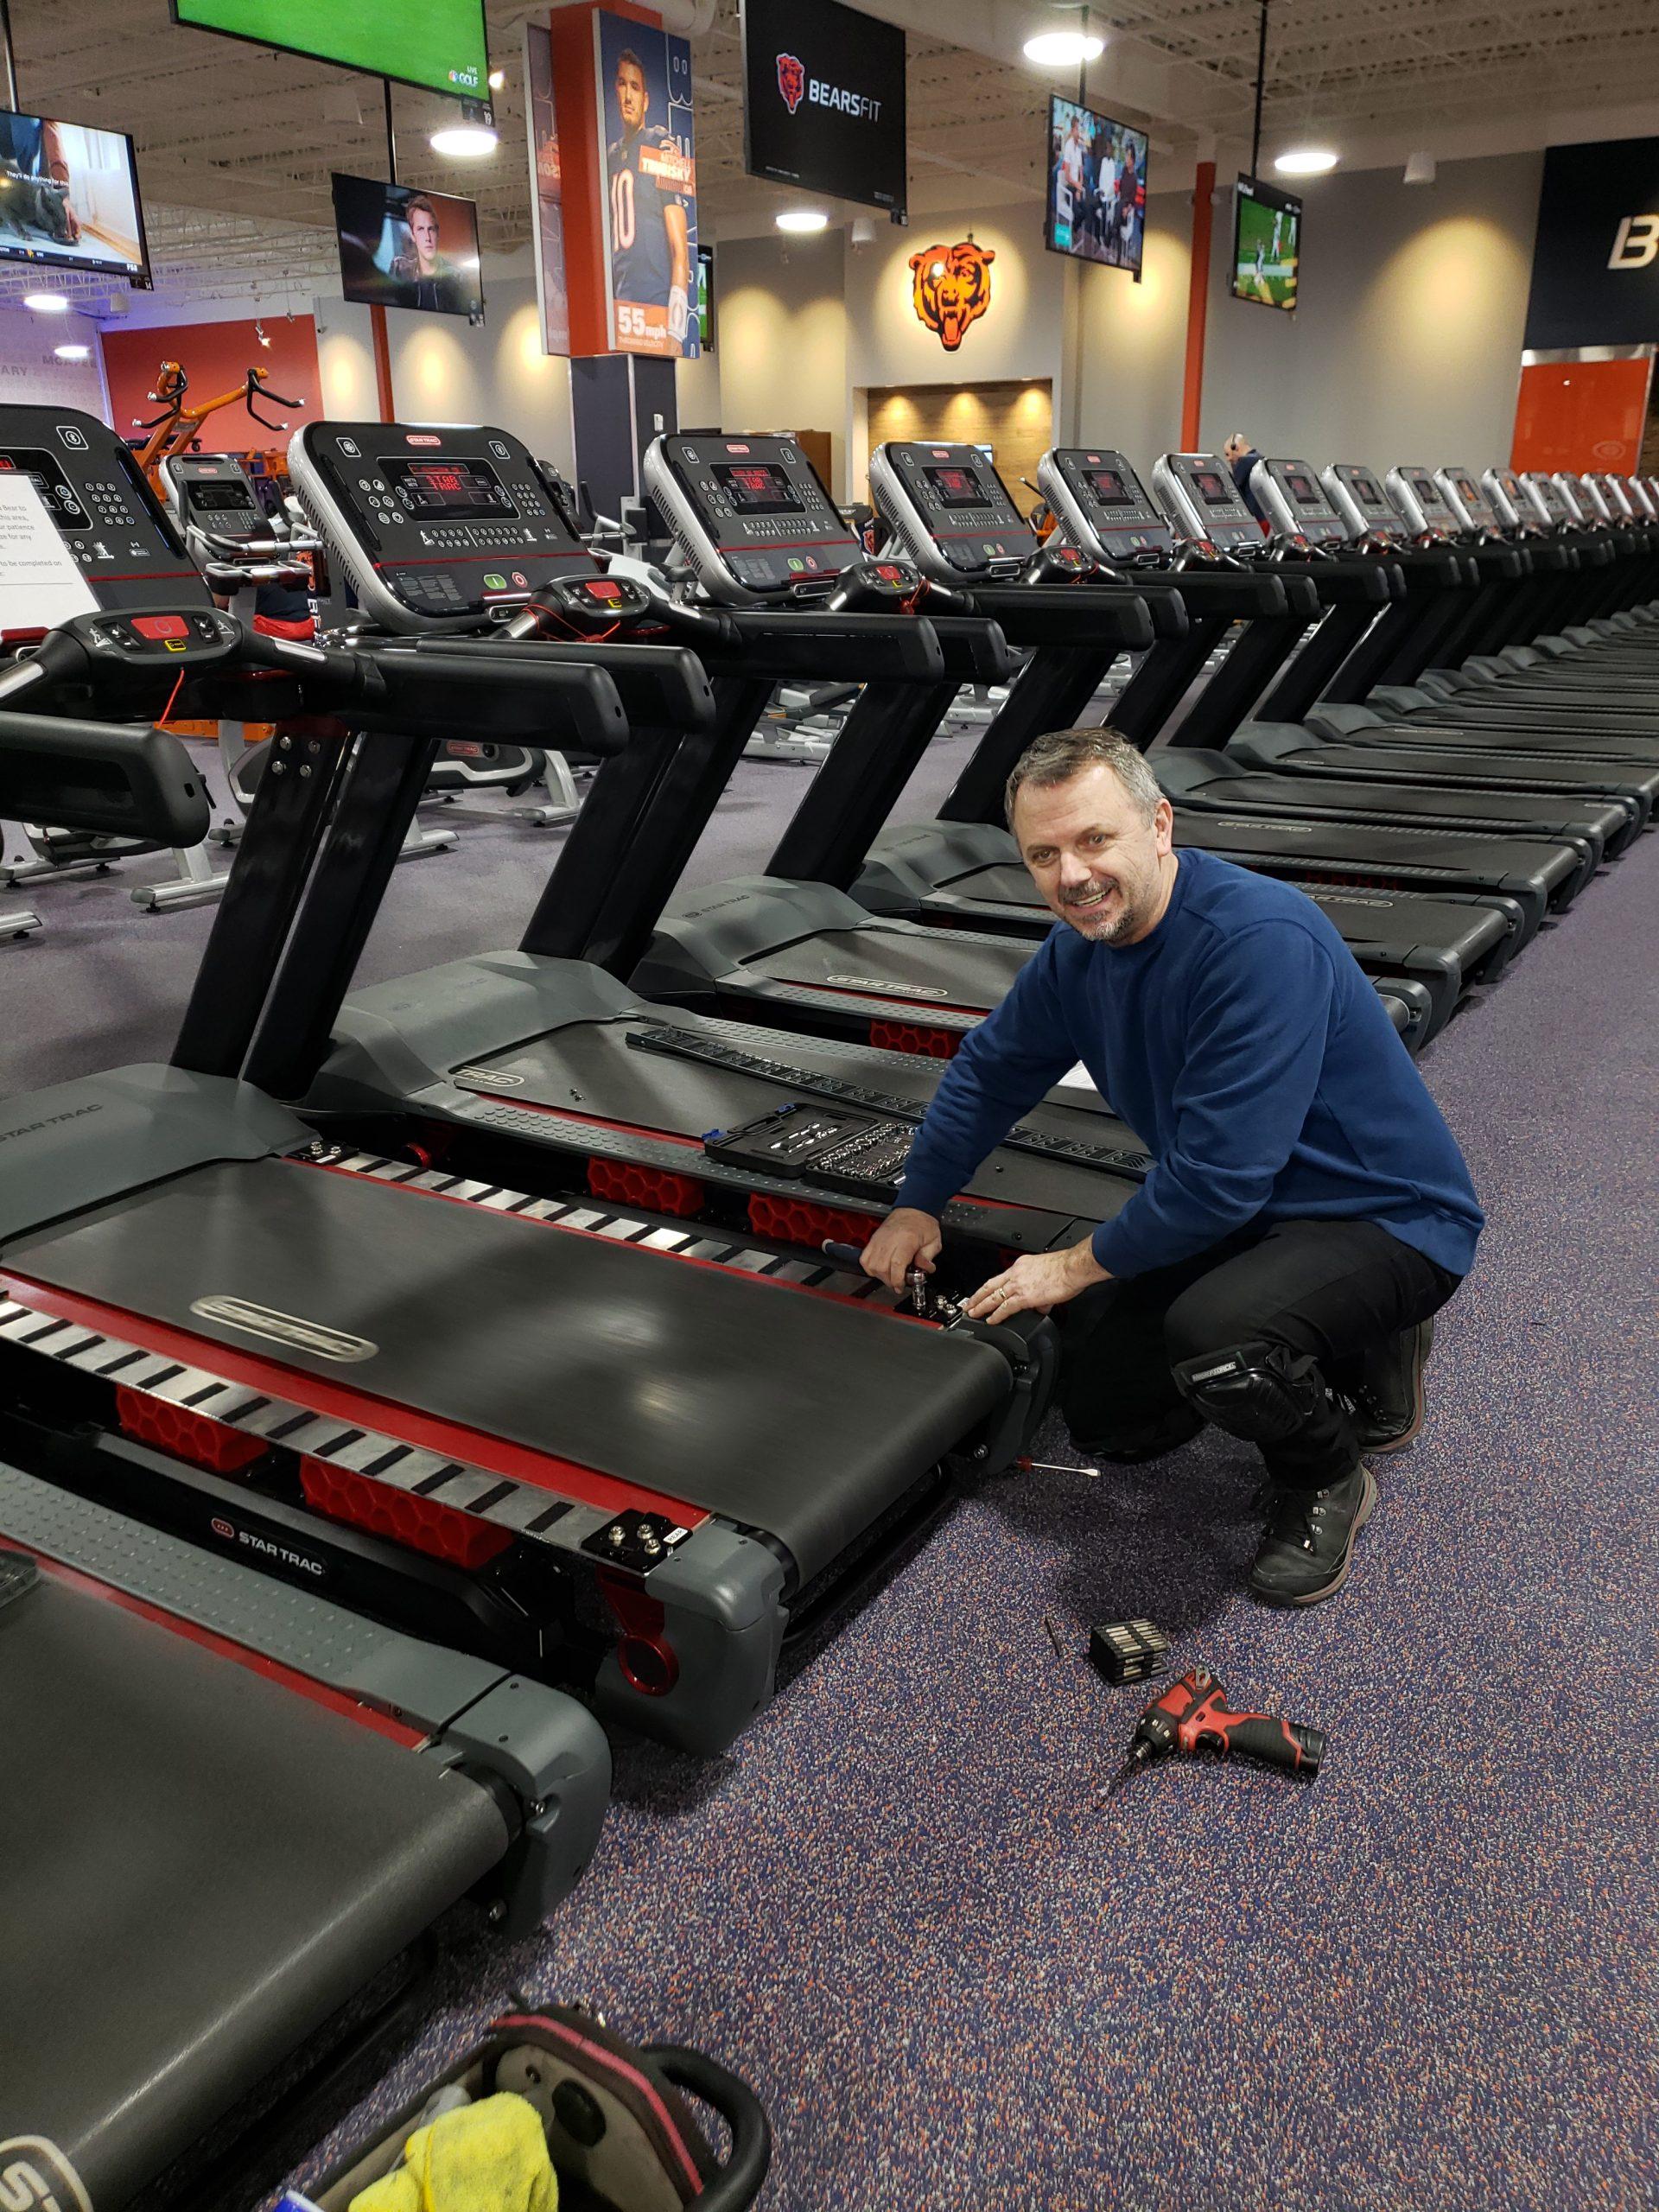 Fitness Equipment Repair \u2013 Fitness Equipment Repair \u2013 Used Fitness Equipment